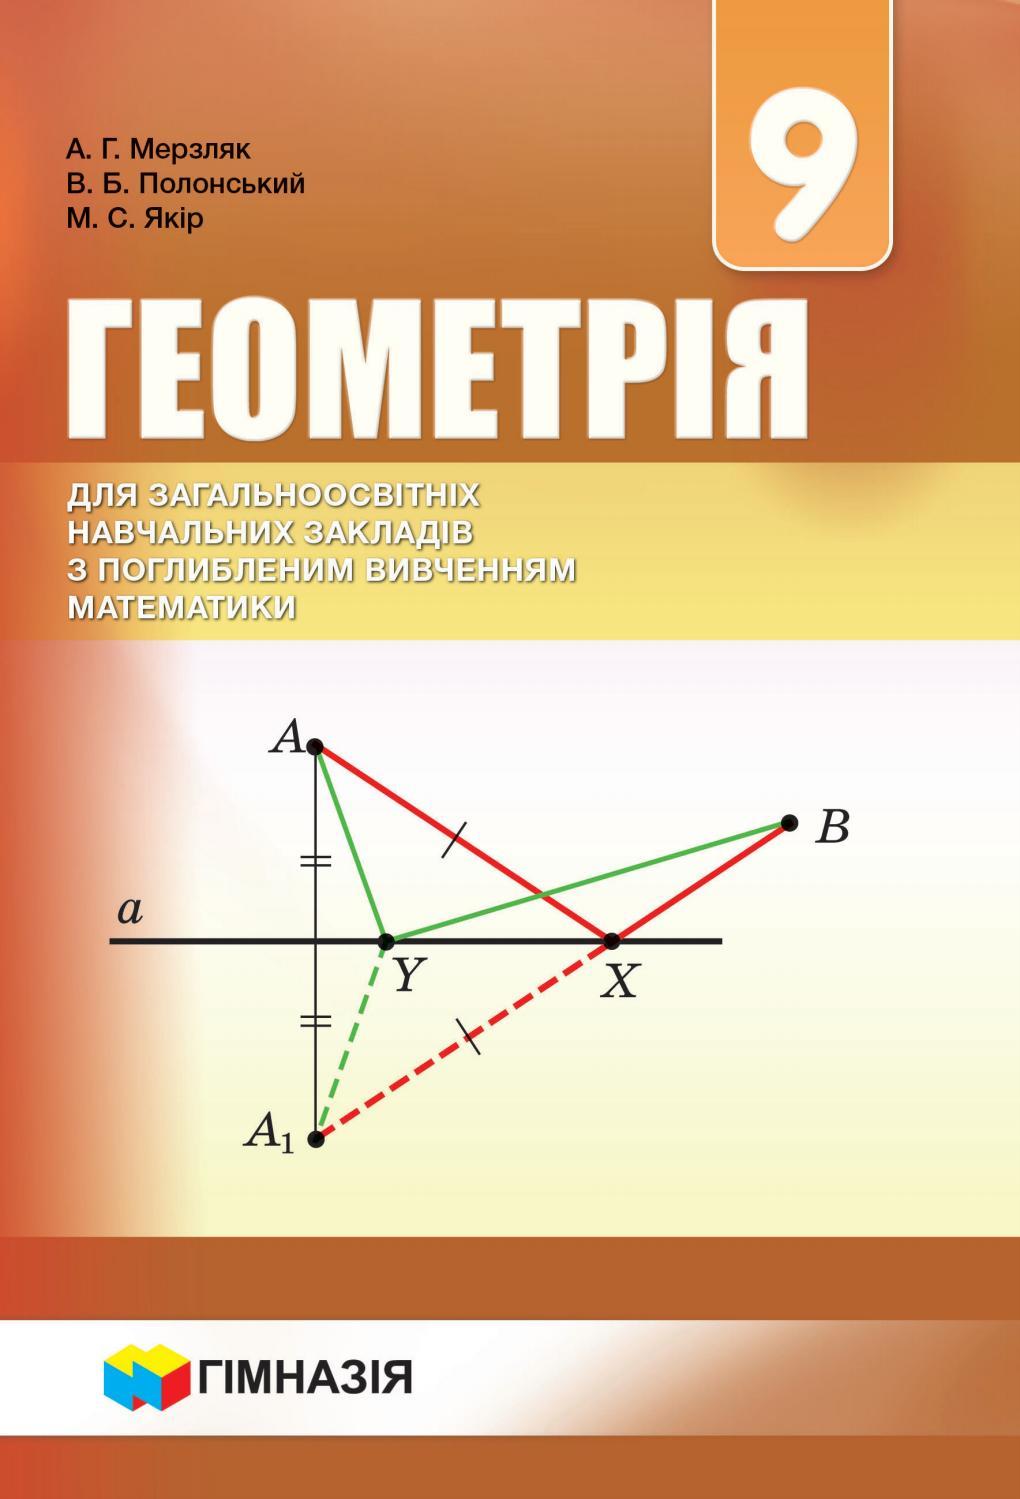 Решебник для геометрии 8 класс мерзляк з поглибленим вивченням математики